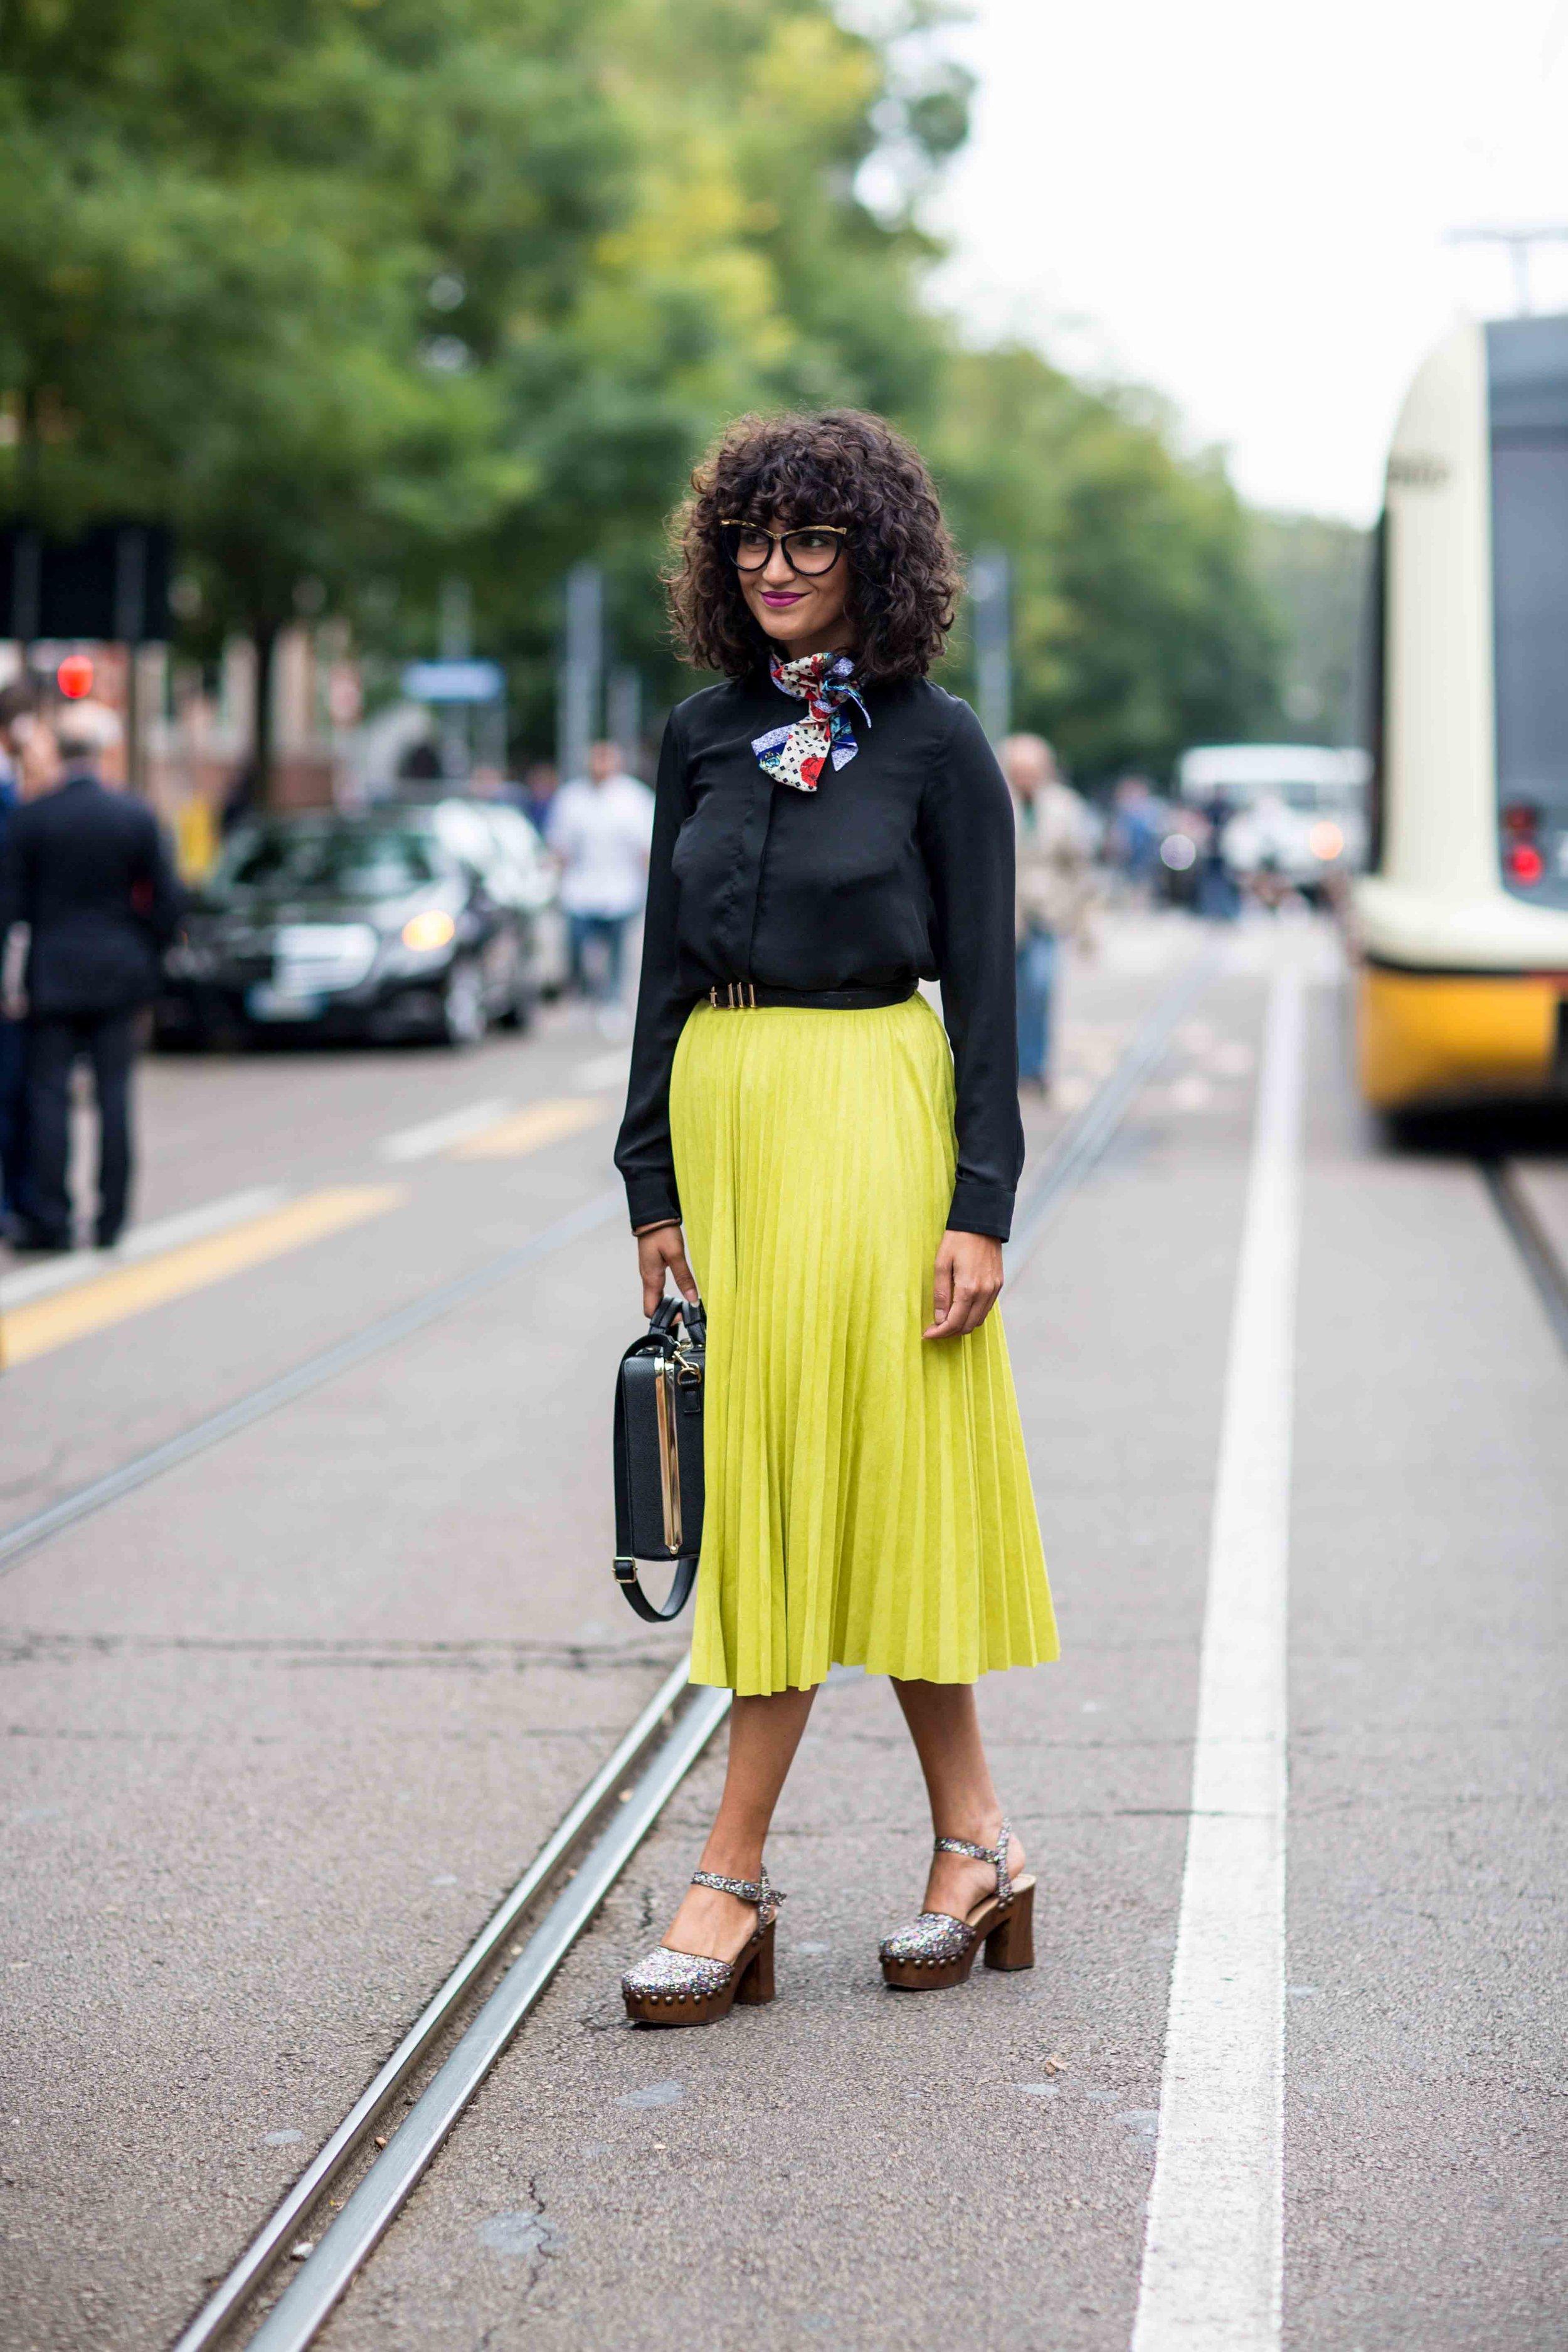 https://www.citycatwalk.at/blog/street-style-milan-fashion-week-3